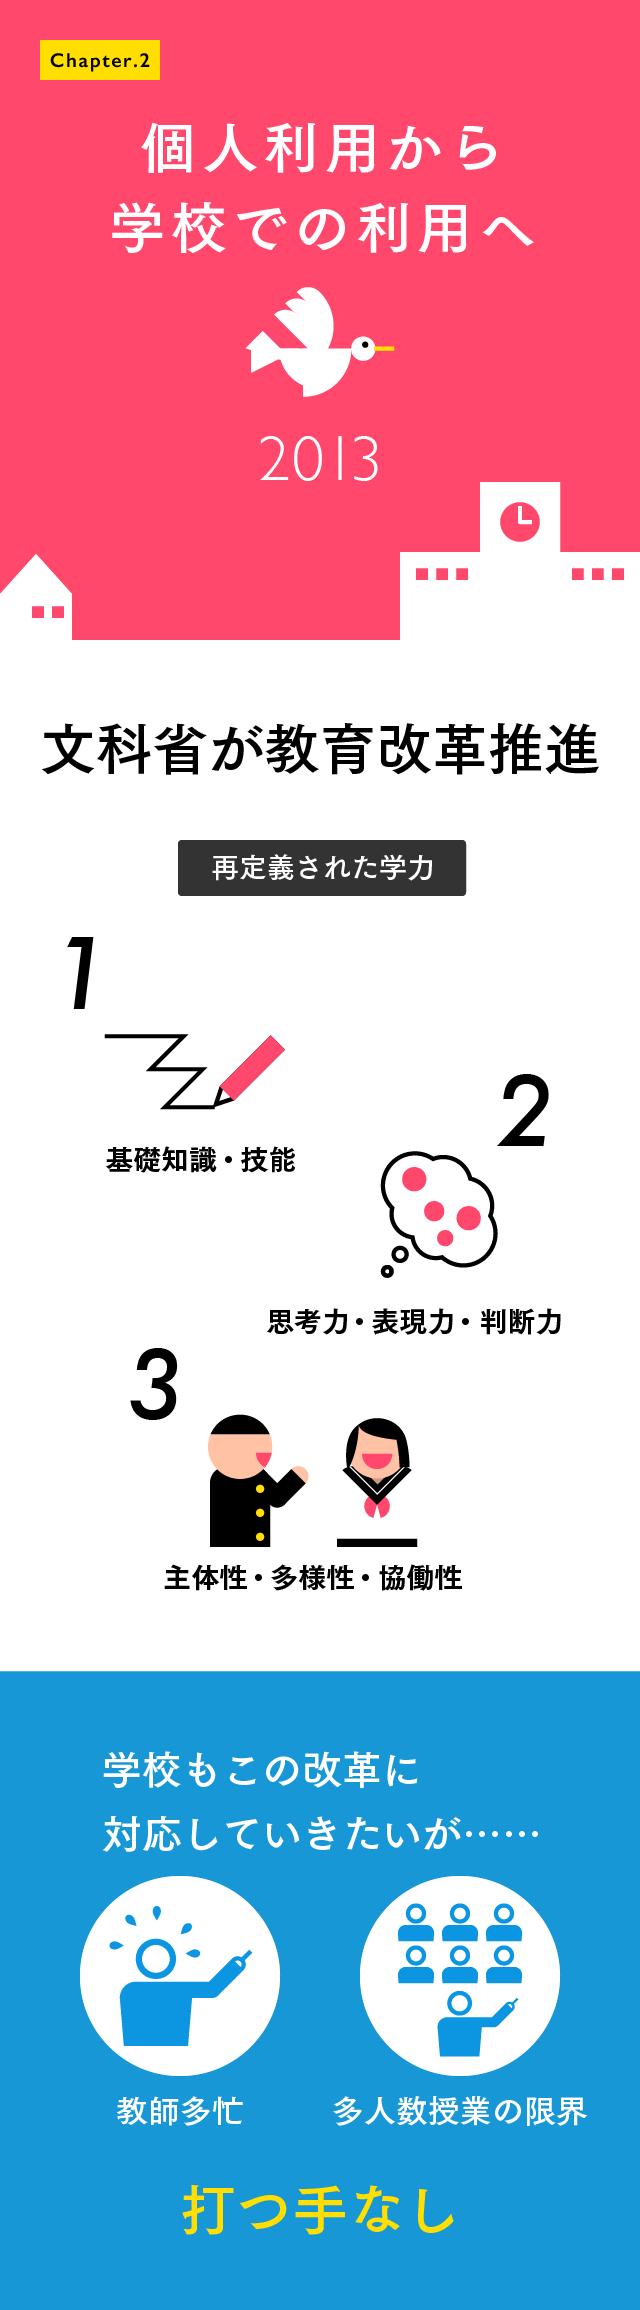 【マスター】スタディサプリインフォ_20160302-2-03